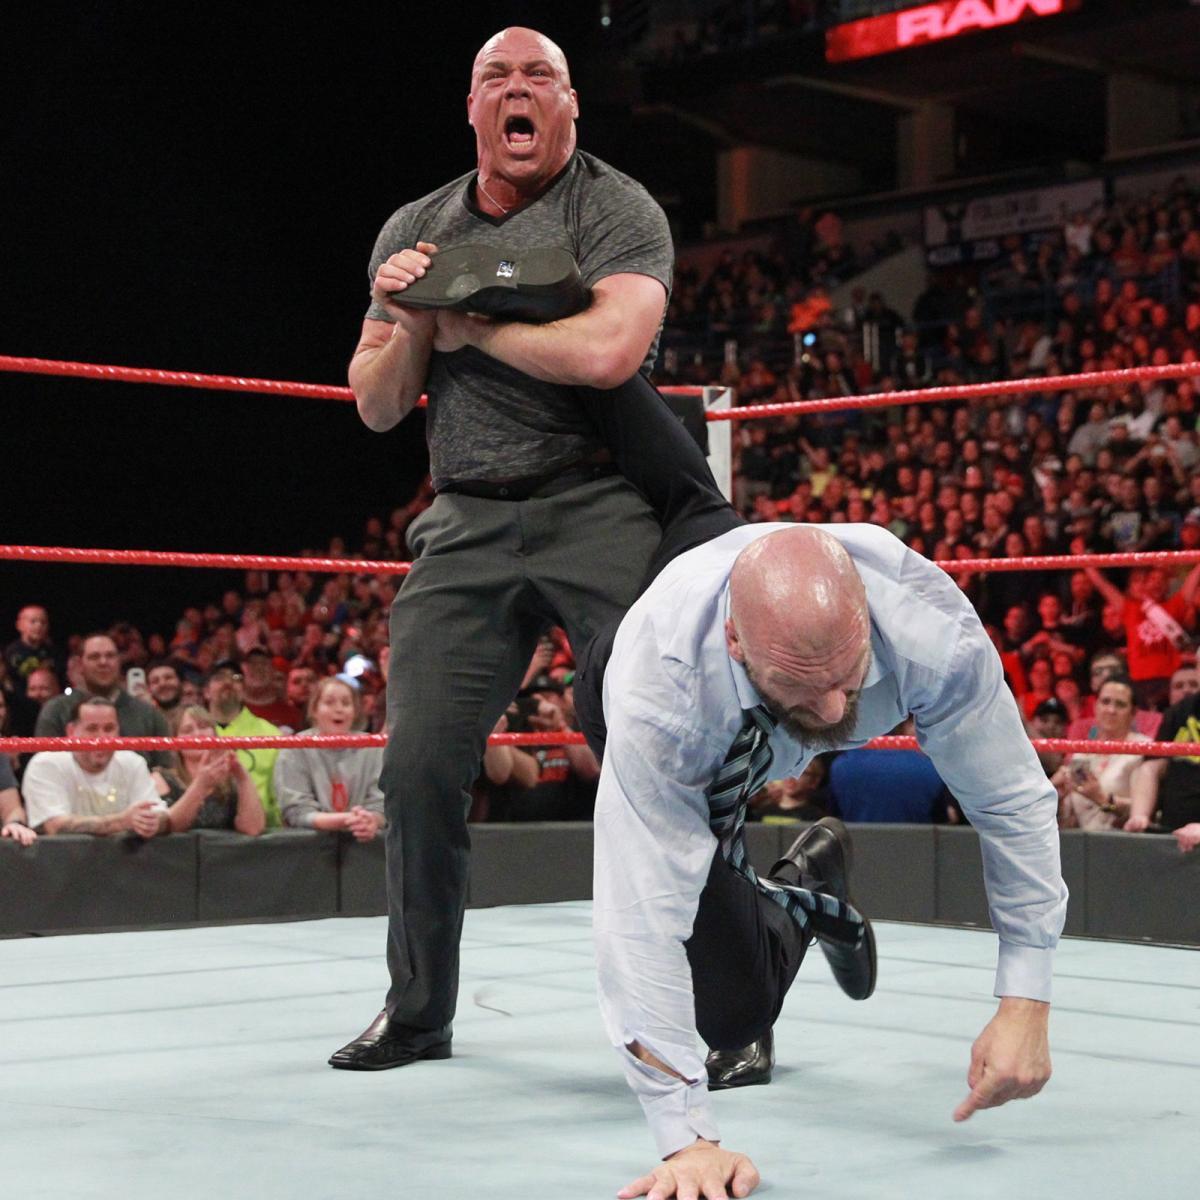 WWE RAW रिजल्ट 6 मार्च 2018: ये रहे मैचो के रिजल्ट्स 11